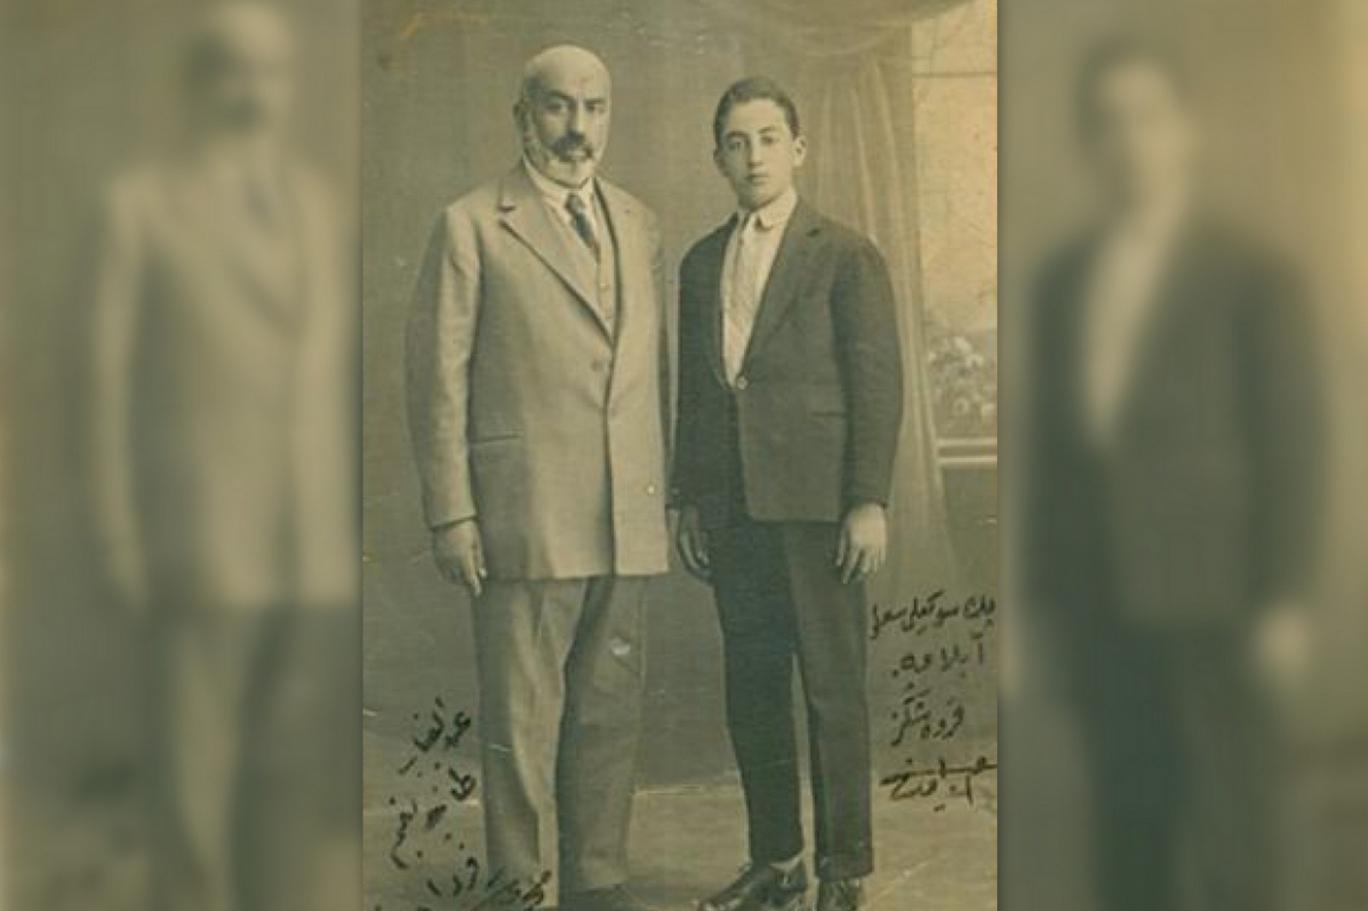 Akif'in oğlu Emin Ersoy'un hazin ölümü!..  Yusuf Tosun Independent Türkçe için yazdı